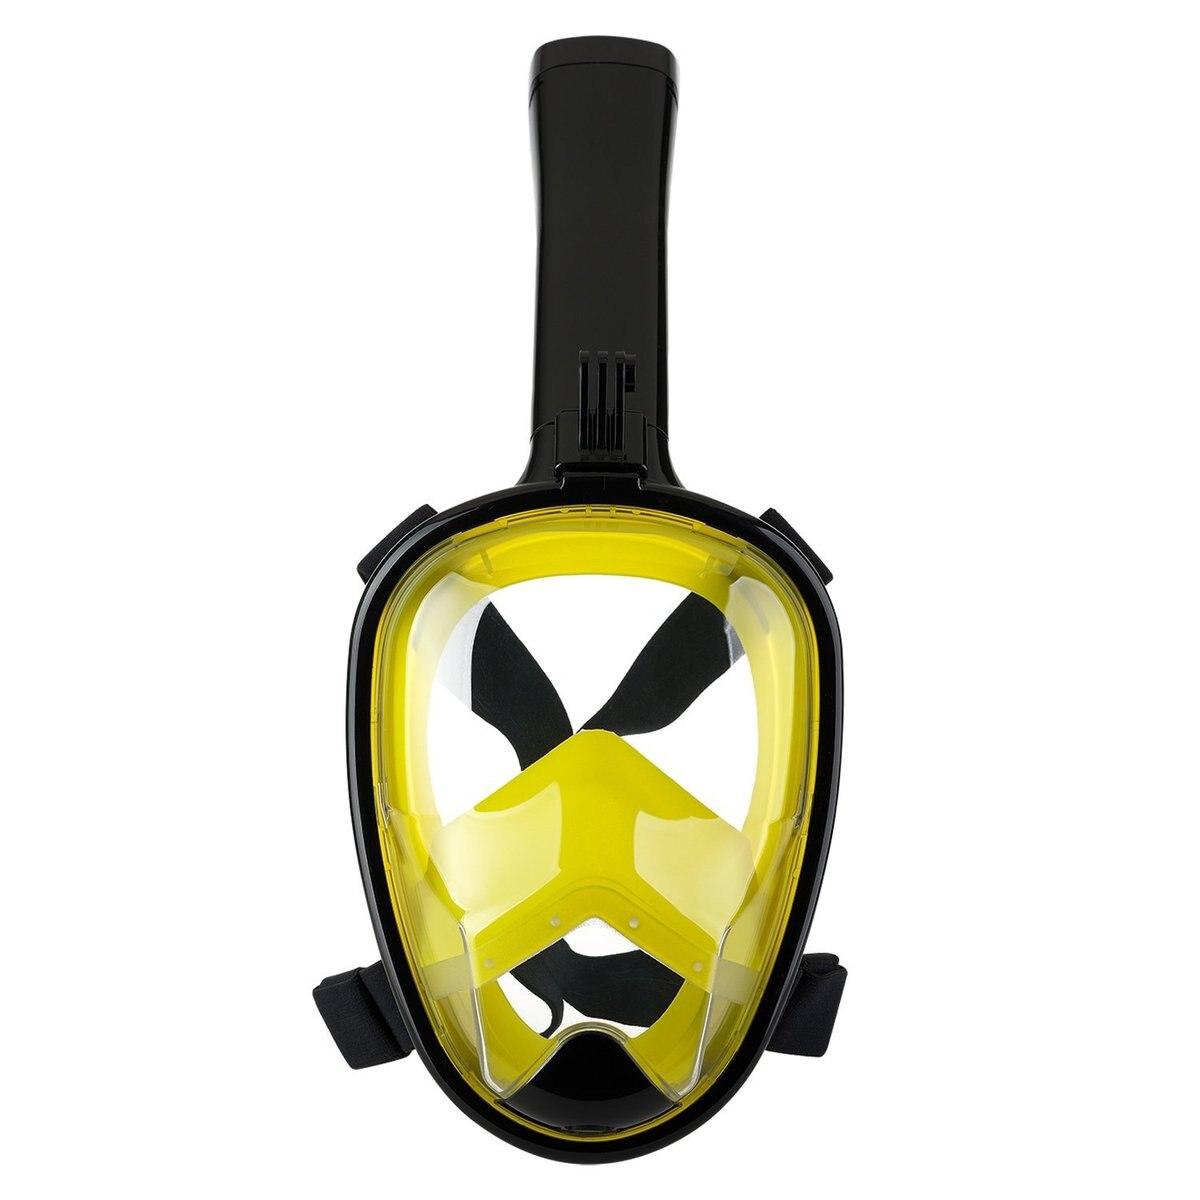 Anti-brouillard Équipement de Plongée En Apnée Visage Sec Masque Appareil Respiratoire À Air Accessoires Snorkel Set Plongée Plongée Sous-Marine Aqualung - 3